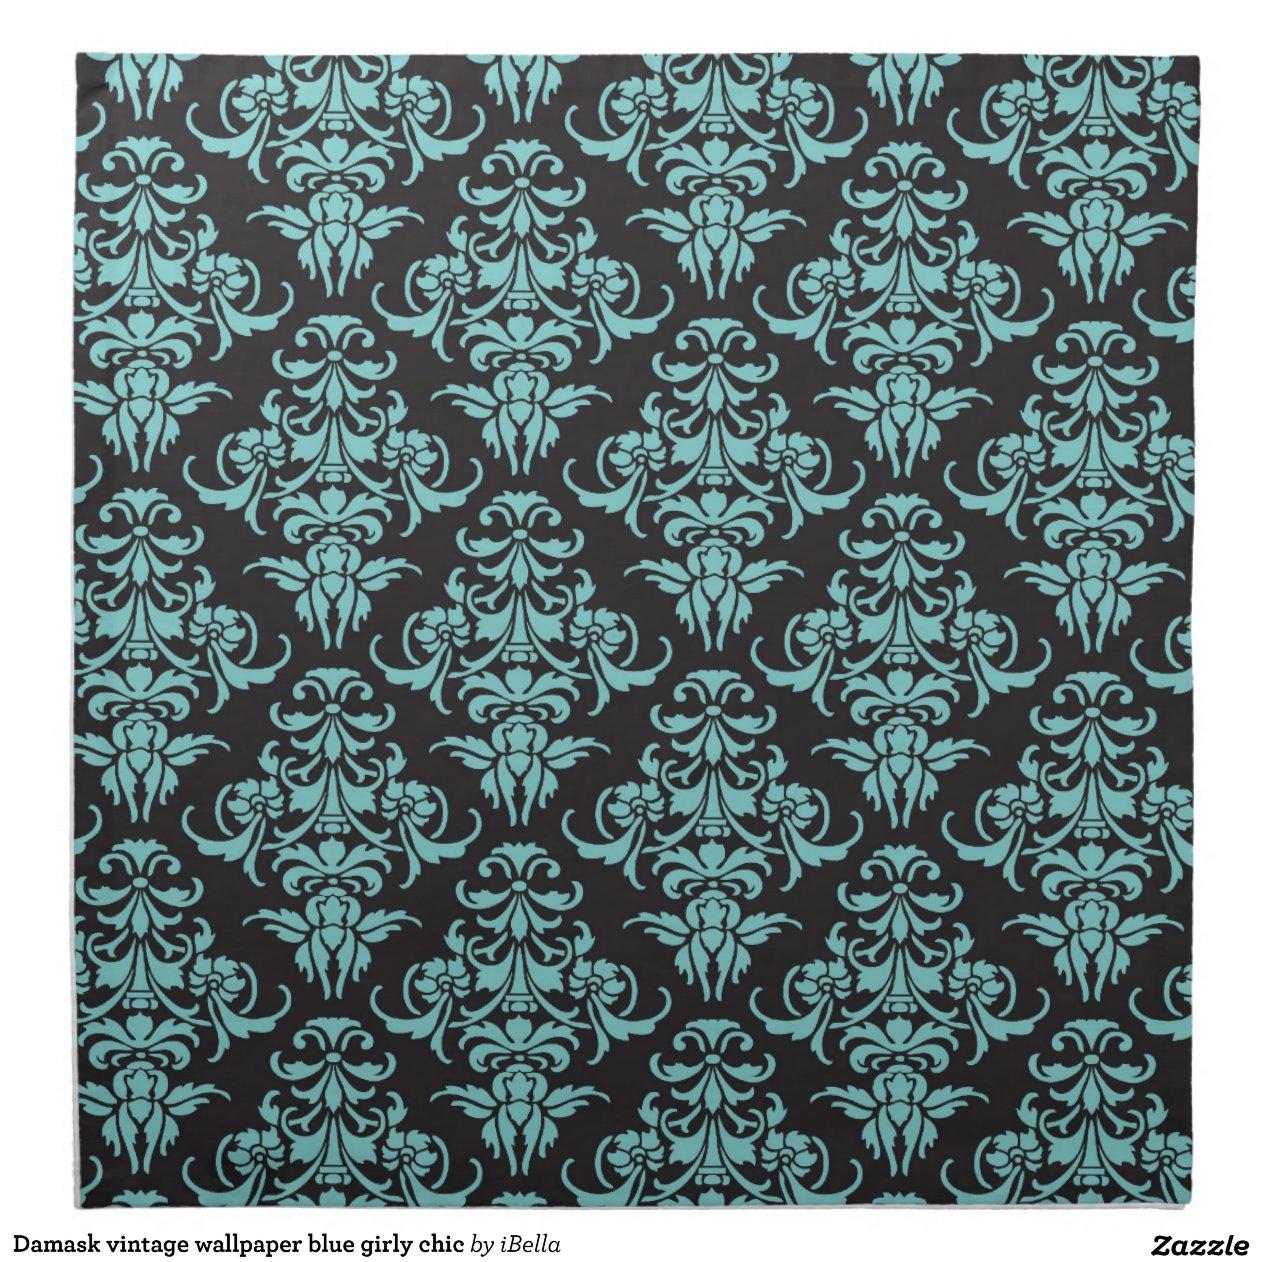 chic girly bleu de papier peint vintage de damass serviette imprim e zazzle. Black Bedroom Furniture Sets. Home Design Ideas